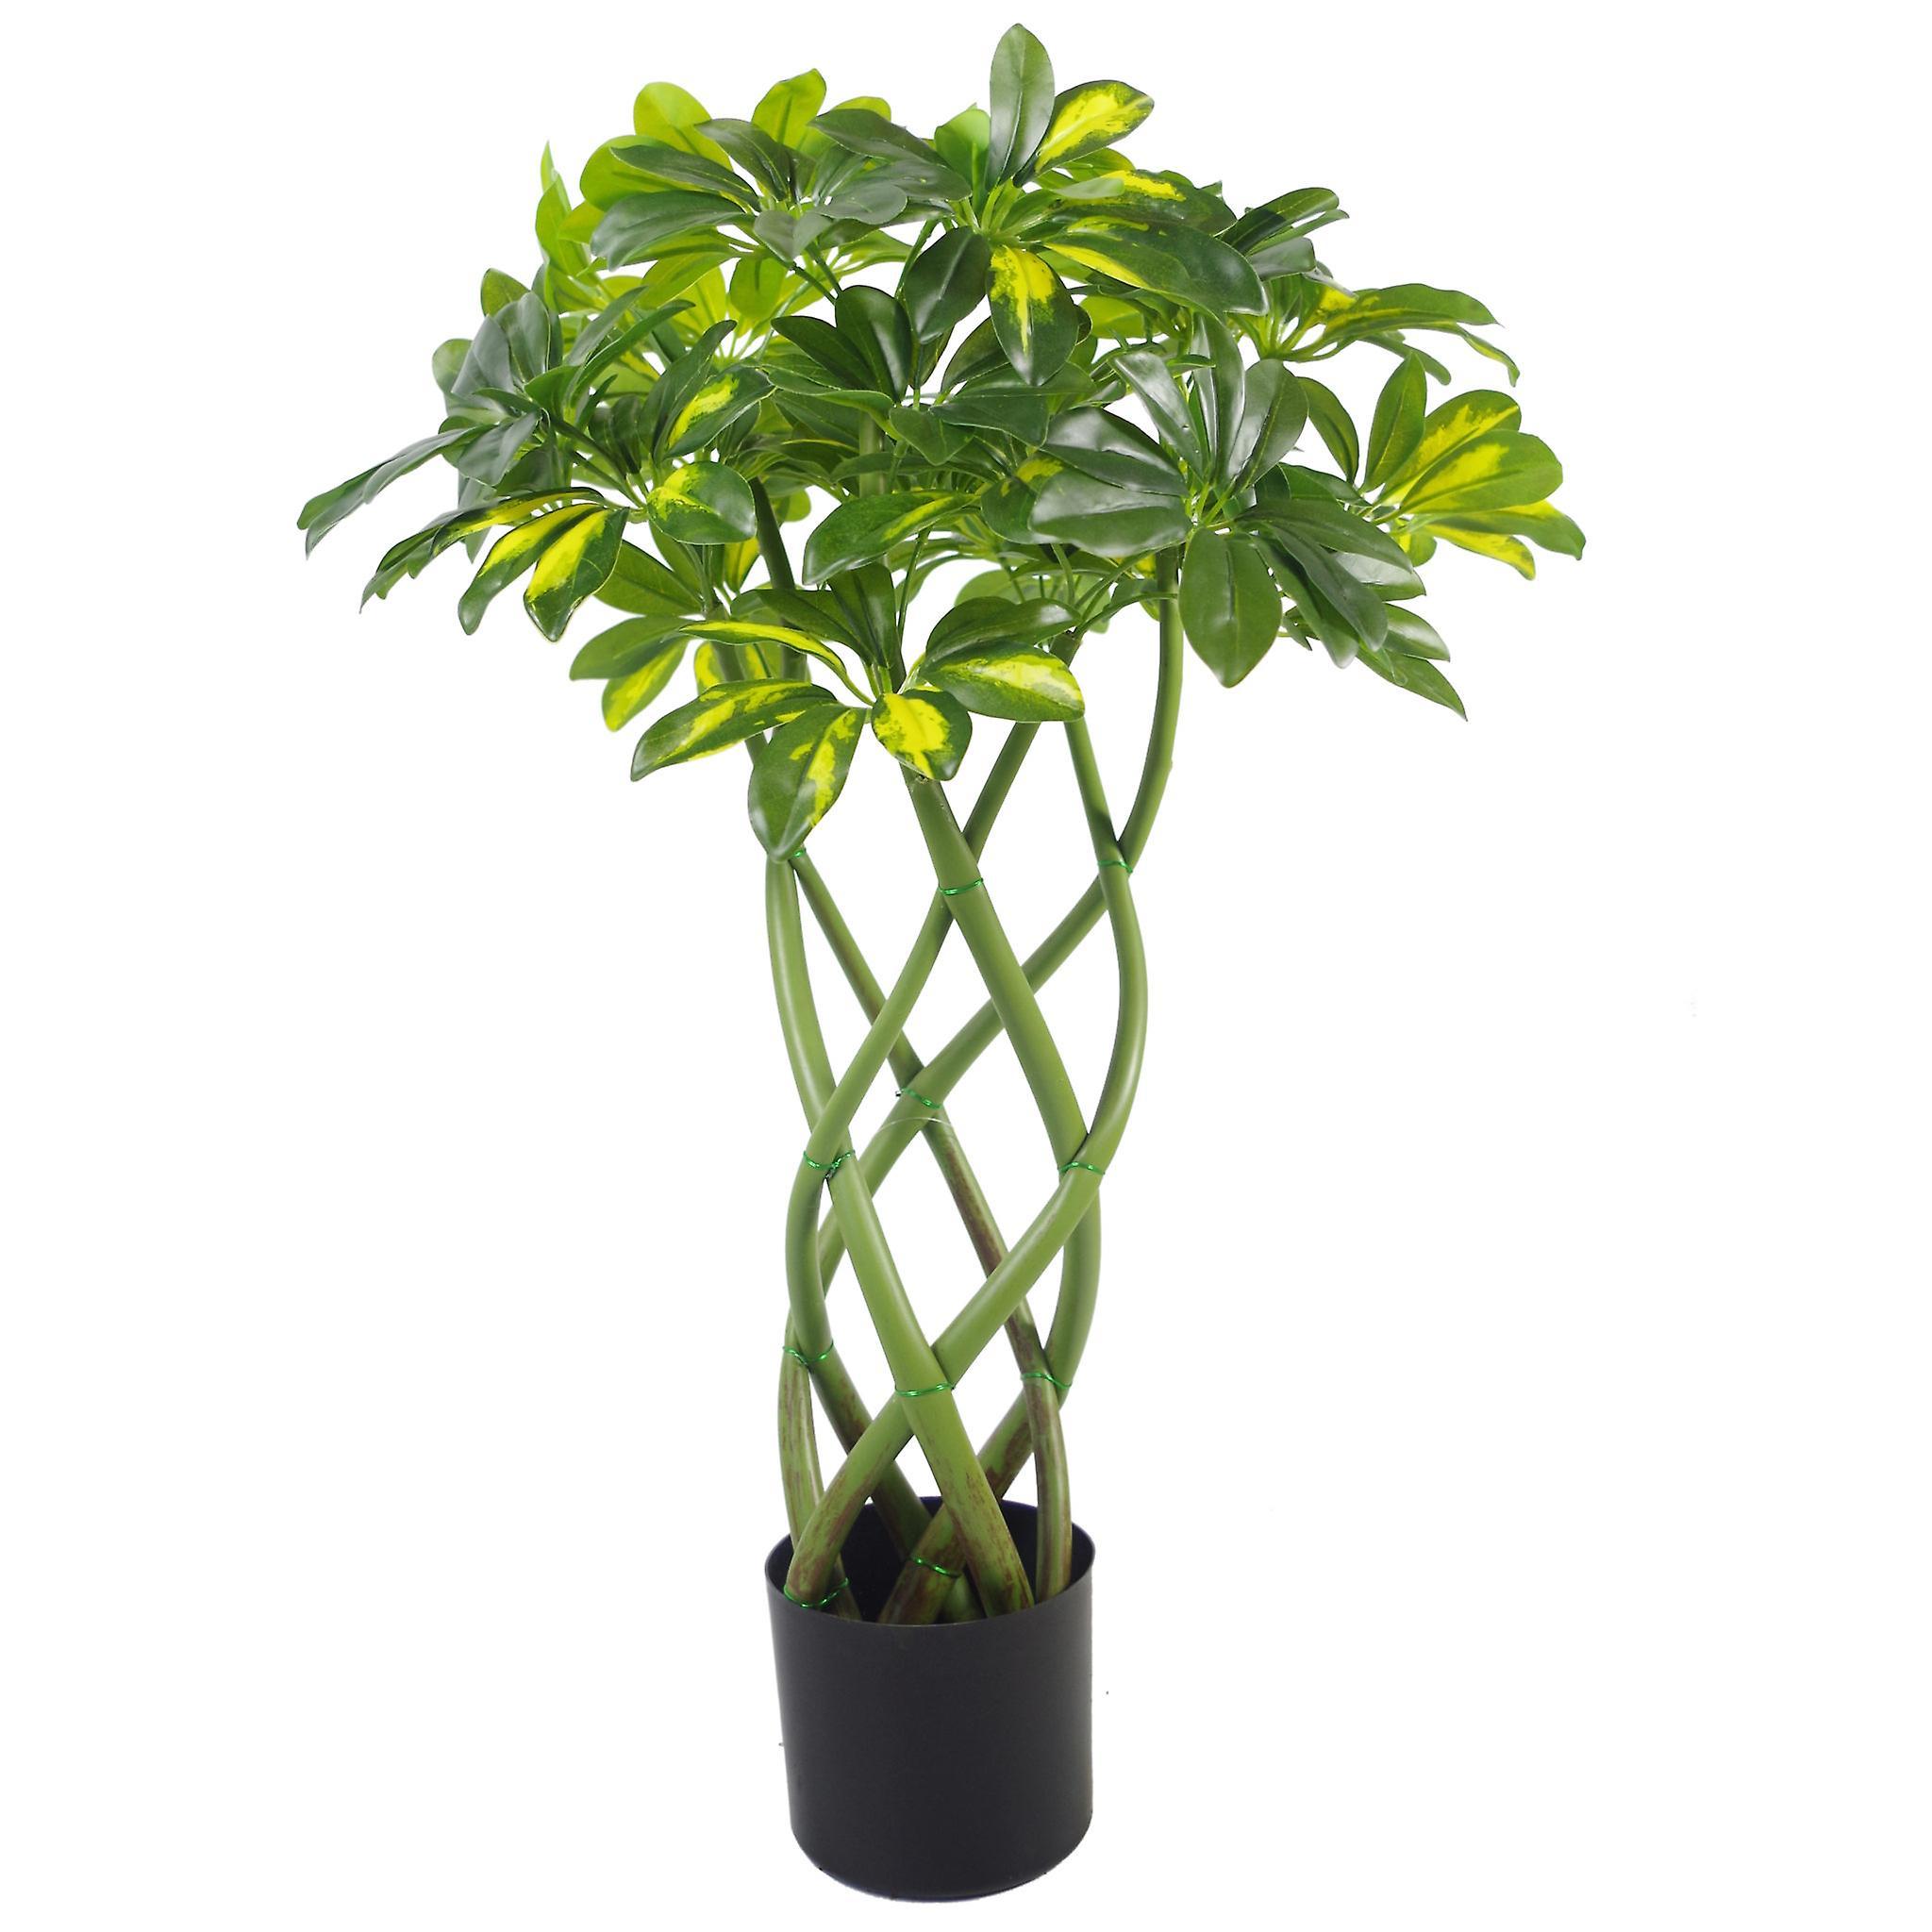 70cm Artificial Twisted Stem Gold Capella Arboricola Artificial Plant Bonsai Bush